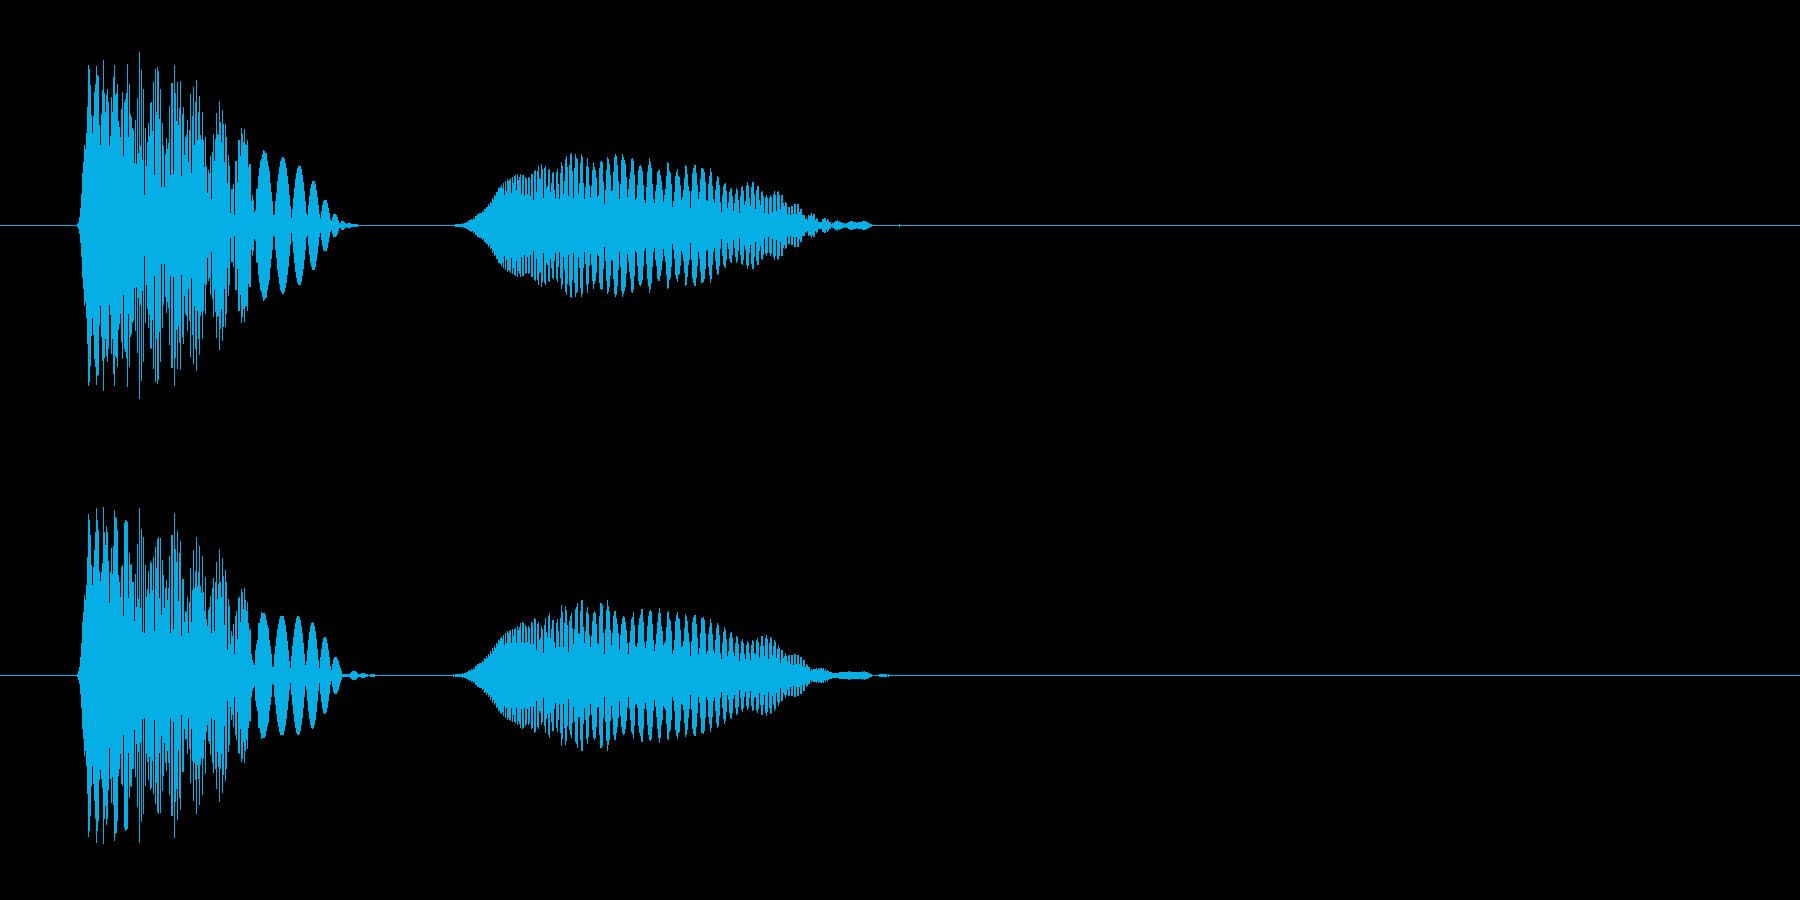 効果音、つかむ、ぷにゅ、弾力、ゲル、吸着の再生済みの波形